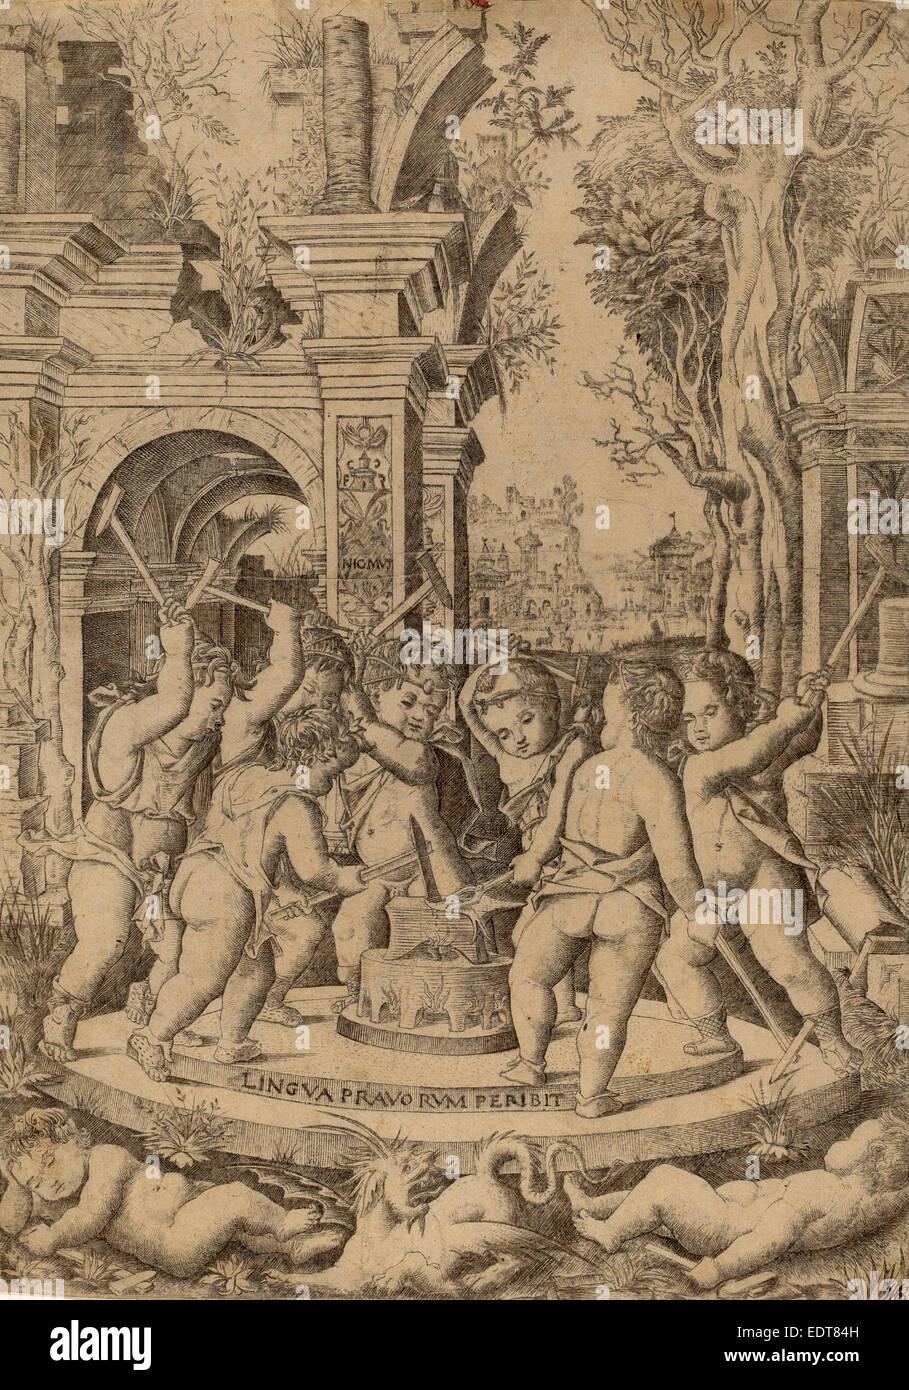 Nicoletto da Modena (Italienisch, aktive 1500-1512), Schicksal der eine böse Zunge, c. 1507, Gravur Stockbild